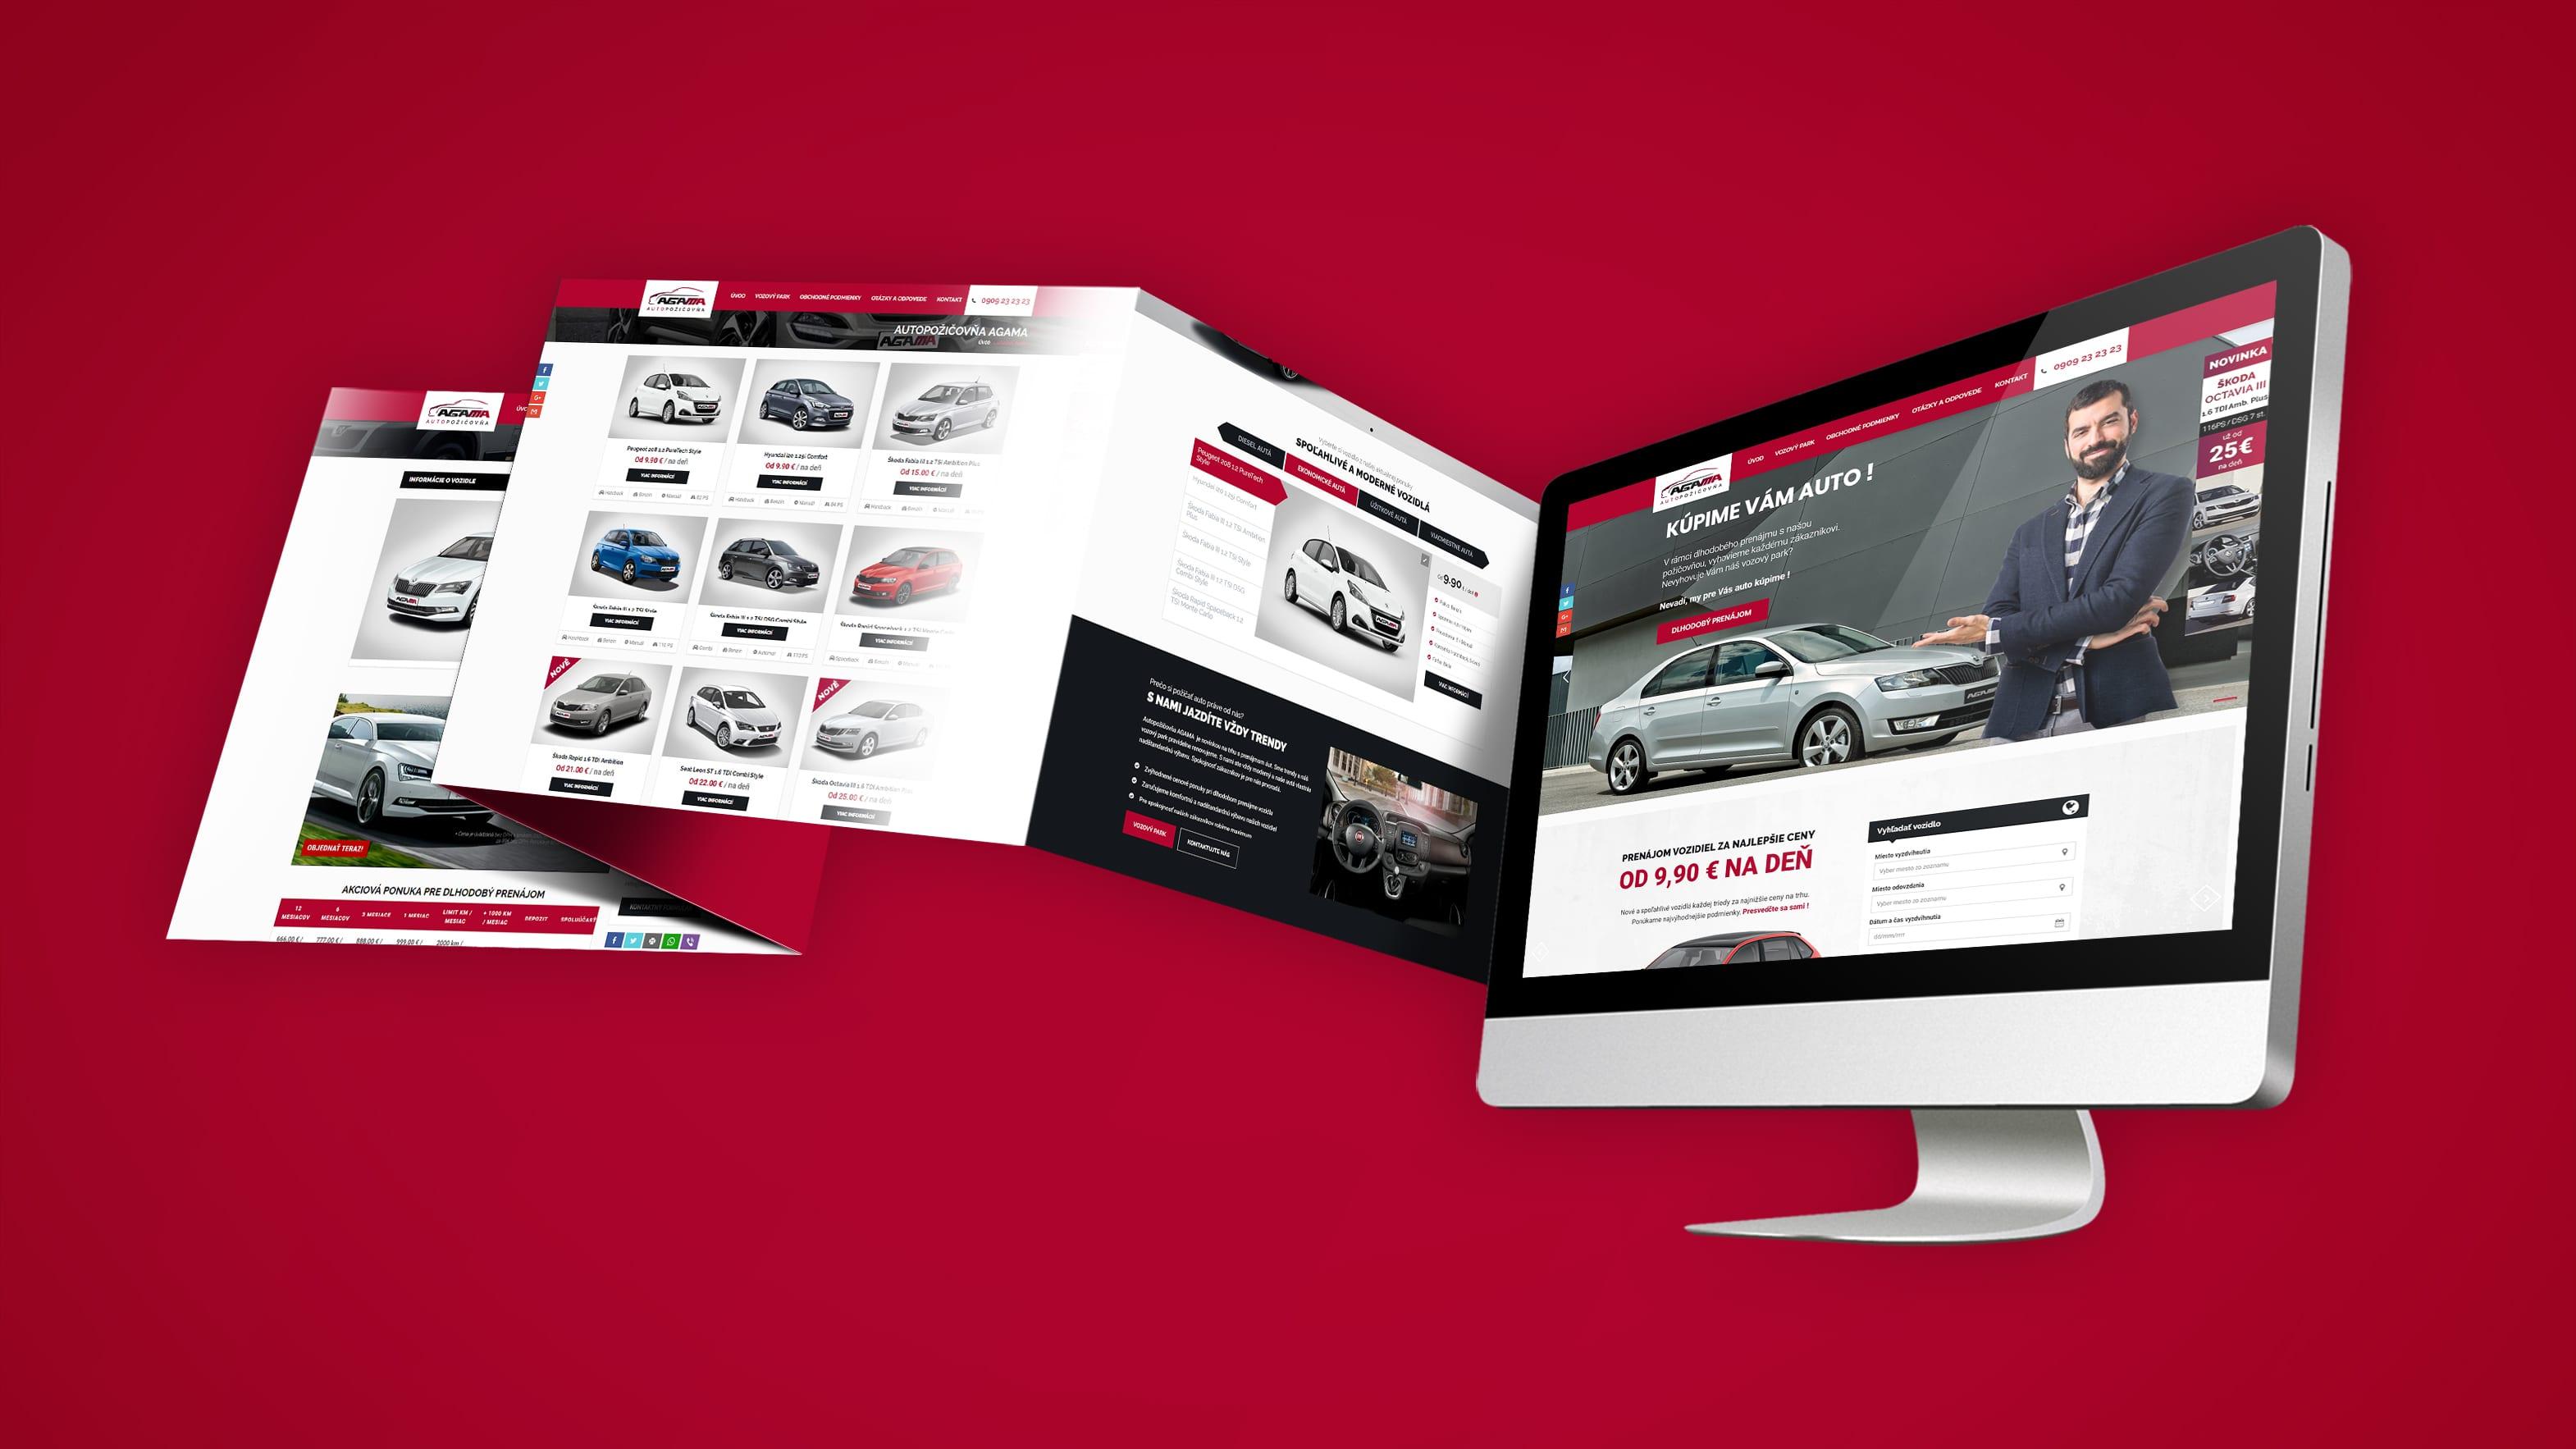 Náhľad pod stránok web stránky autopožičovne AGAMA na desktope